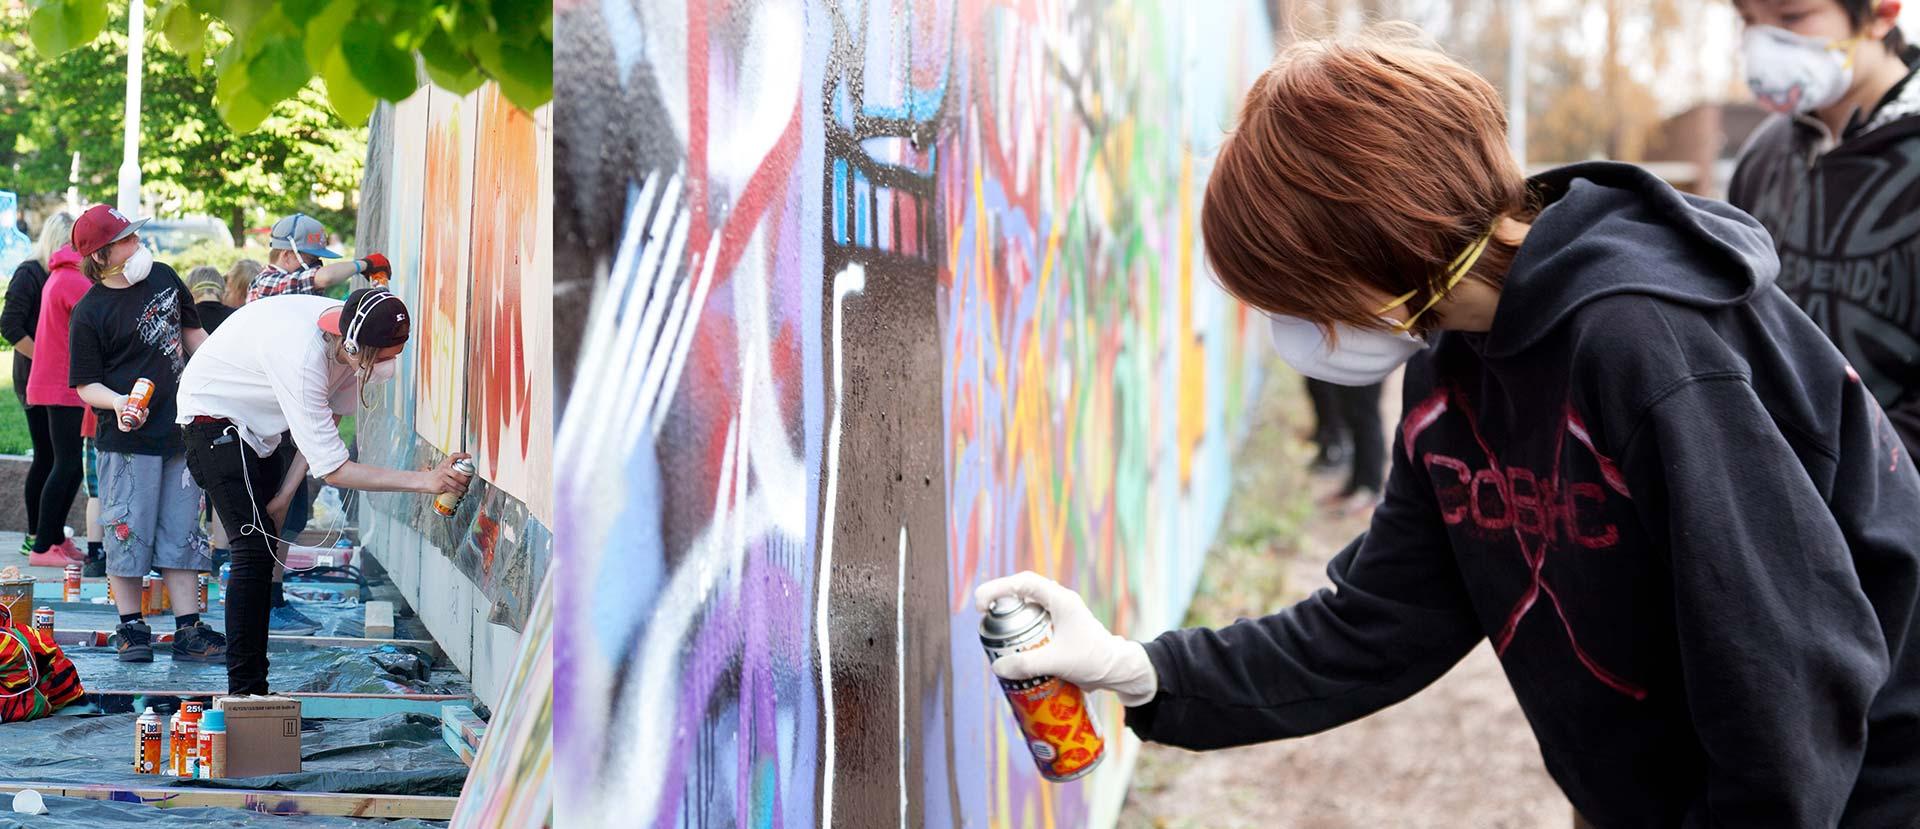 Nuorison graffitikurssi